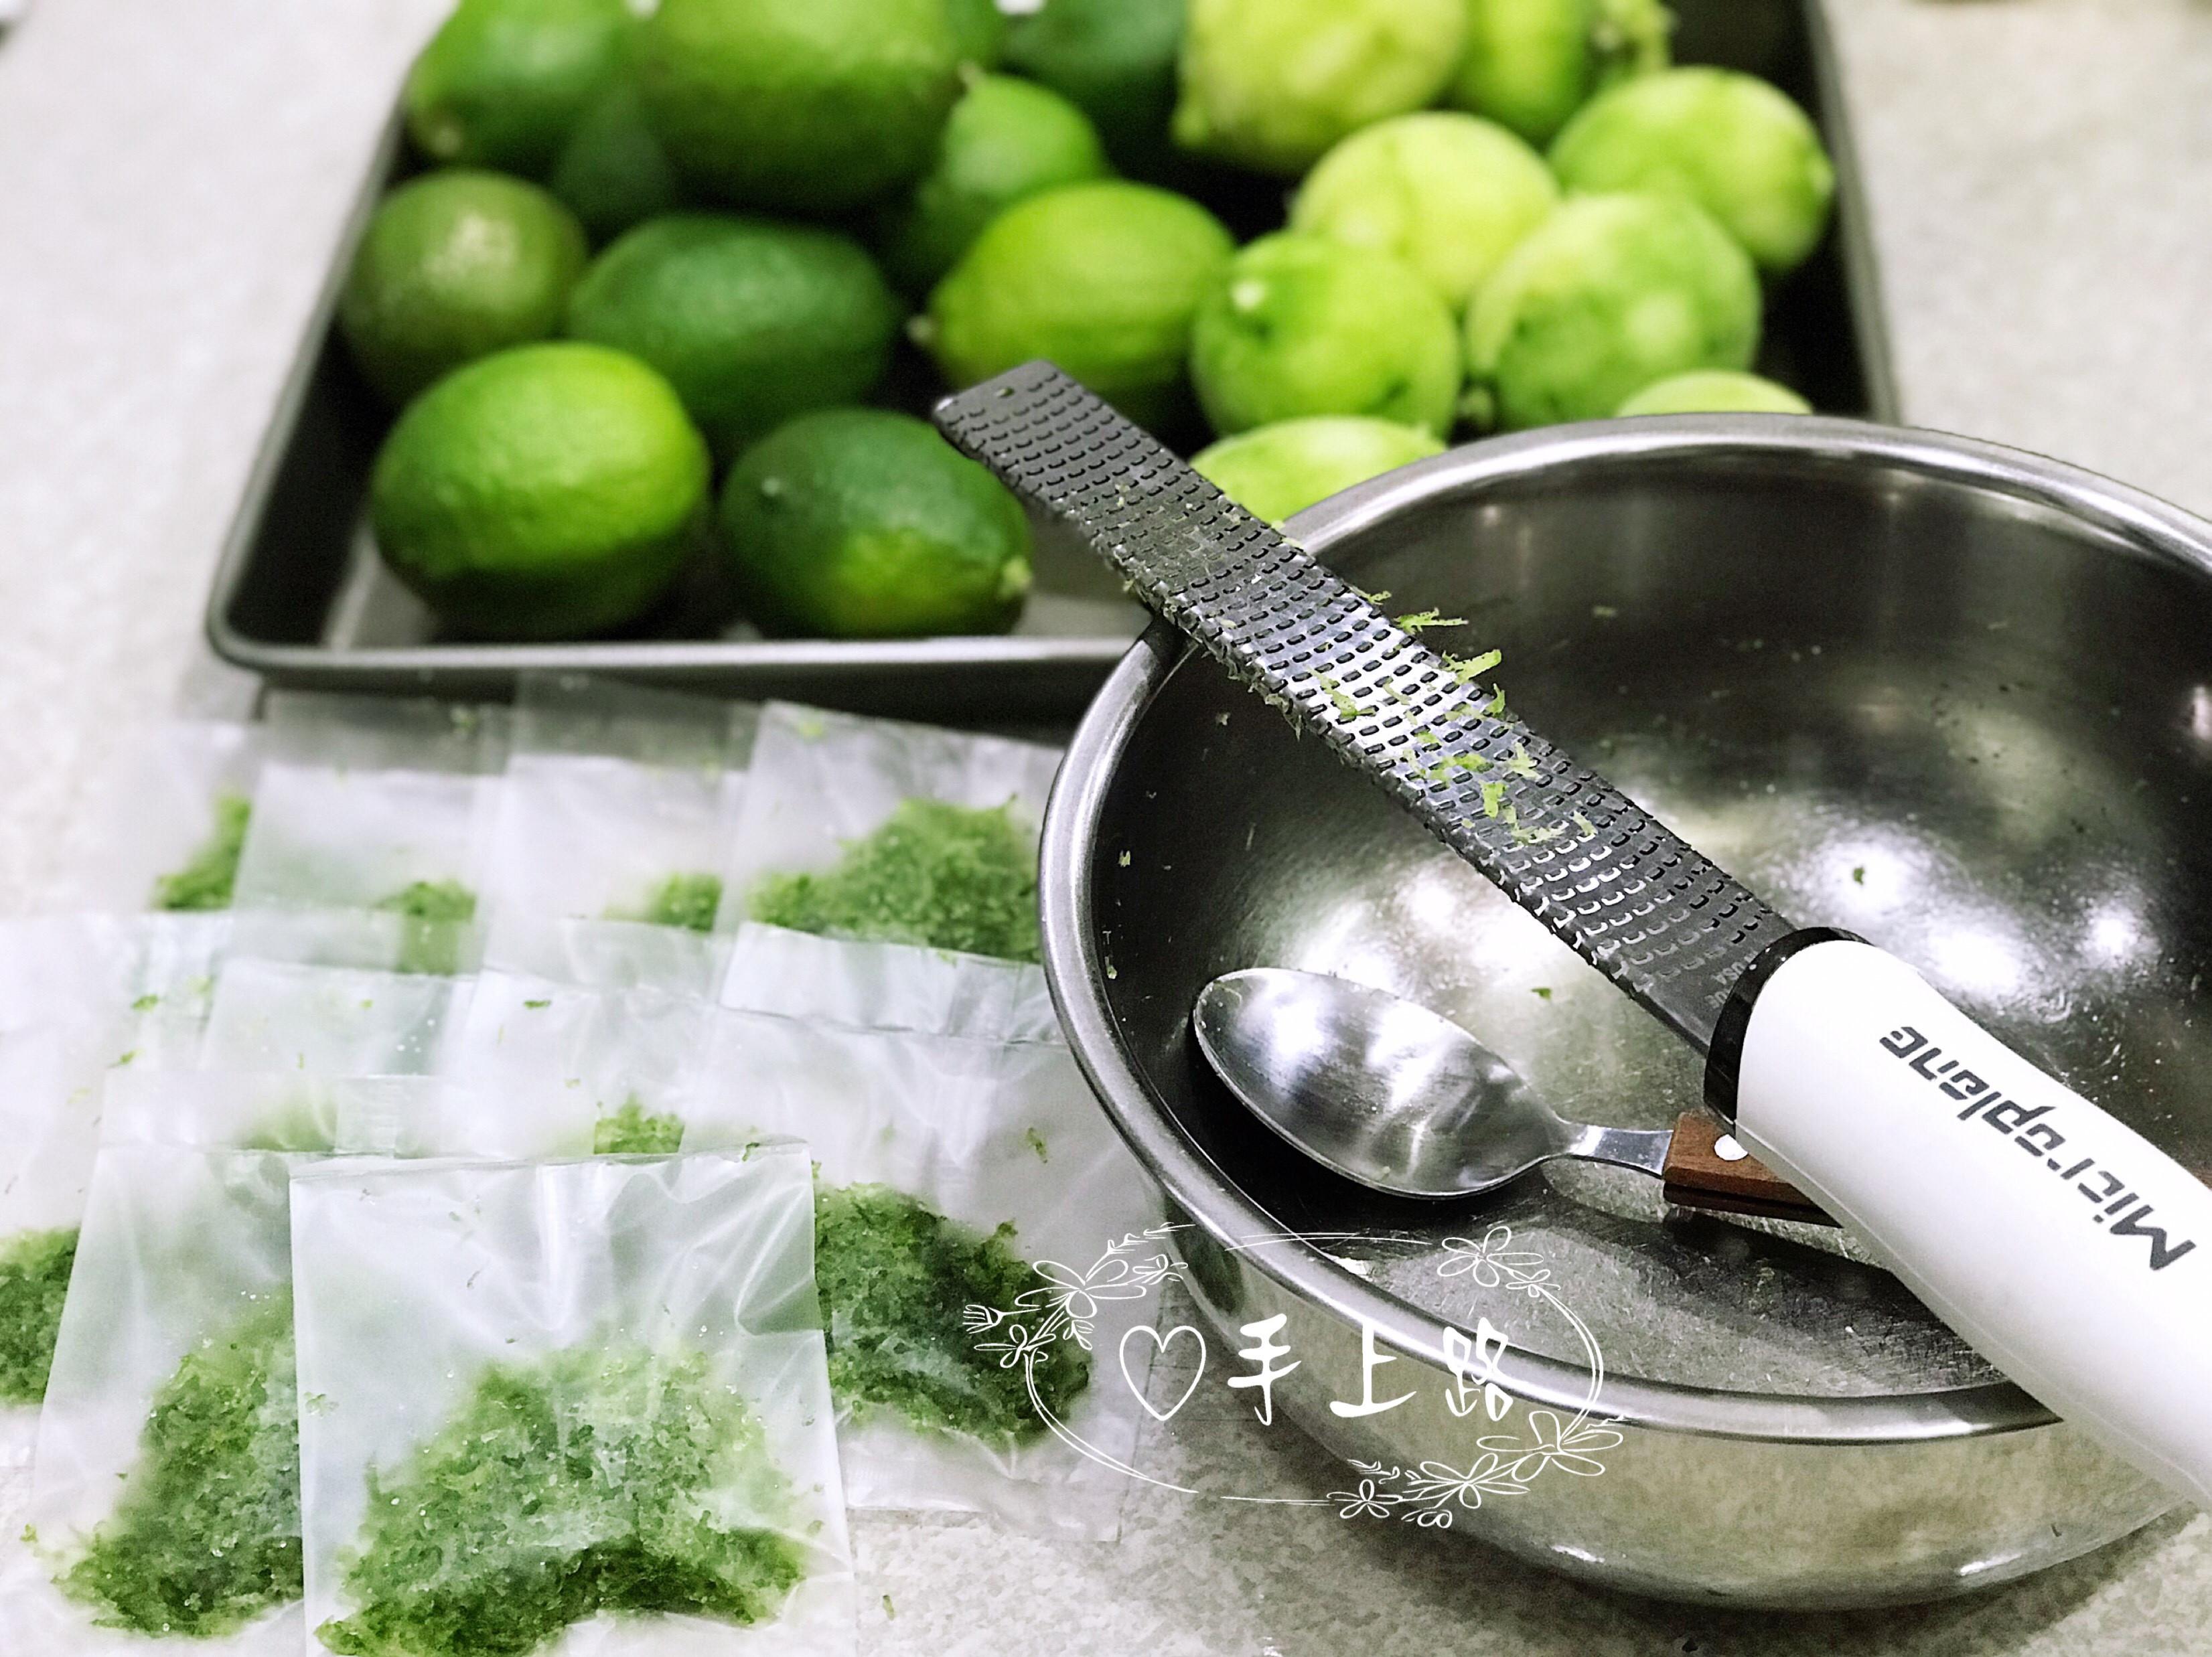 檸檬皮屑保存(保持鮮綠撇步)